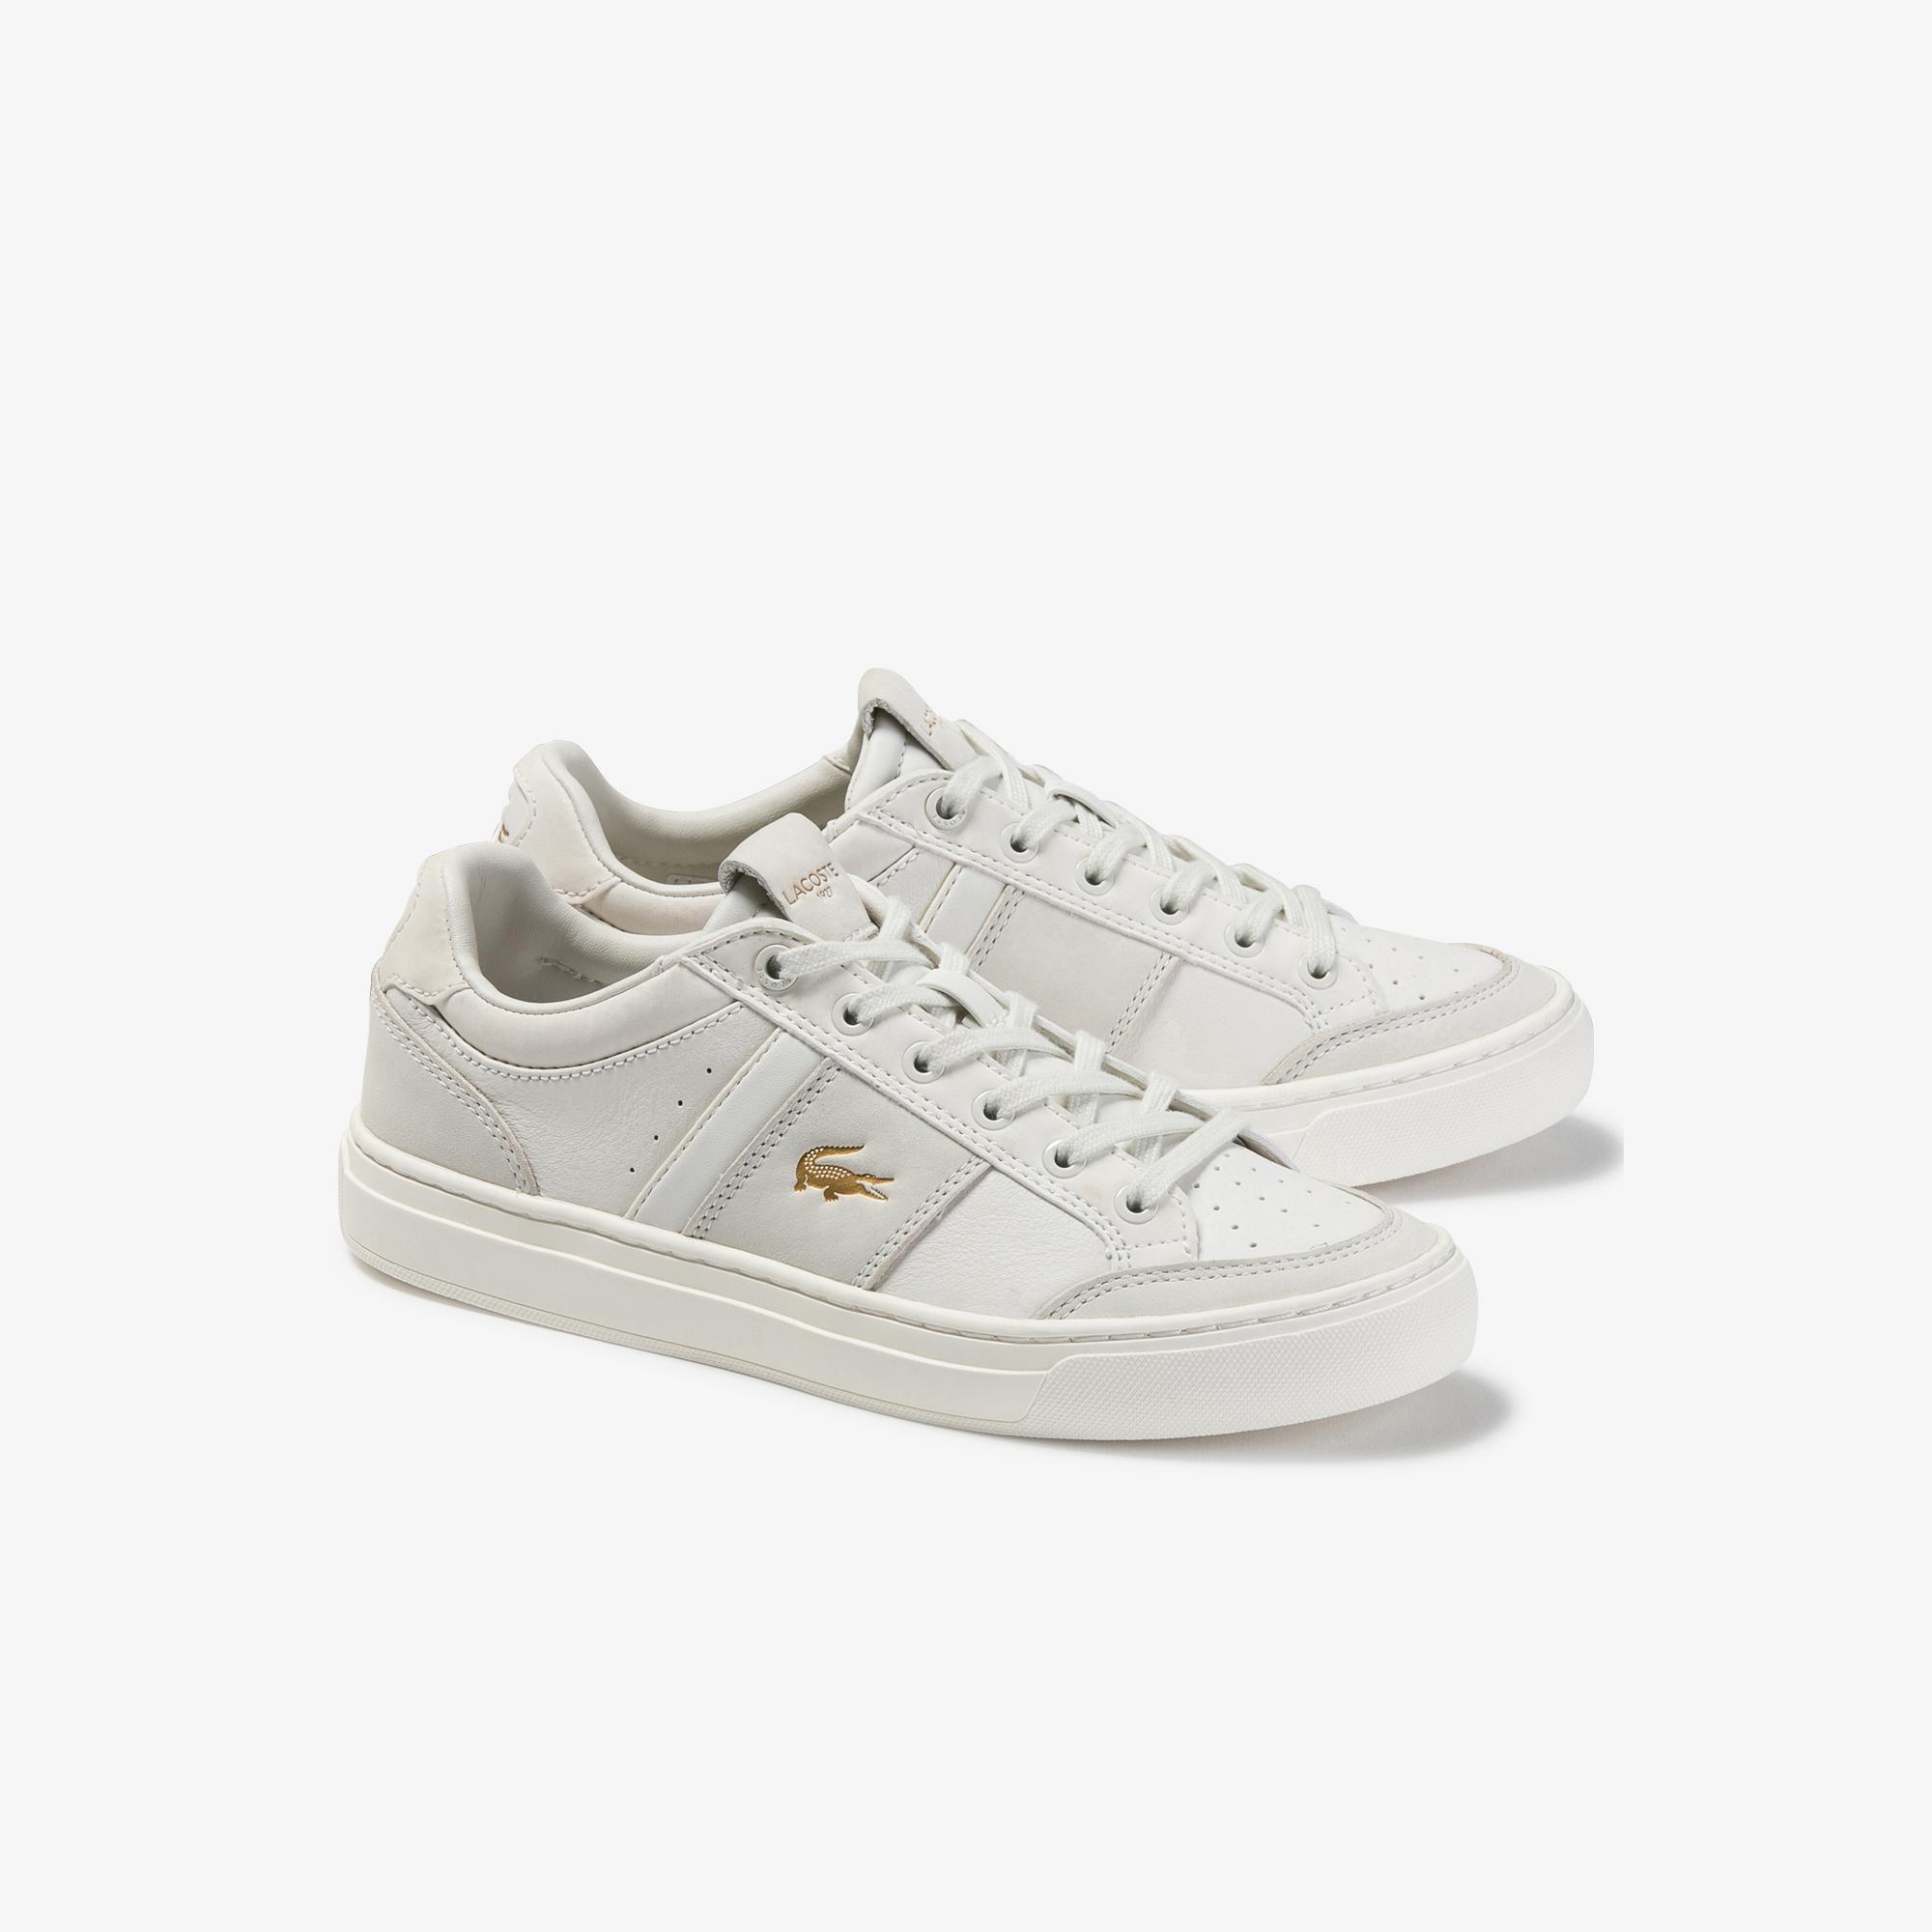 Lacoste Courtline 120 1 Us Cfa Kadın Beyaz Deri Casual Ayakkabı